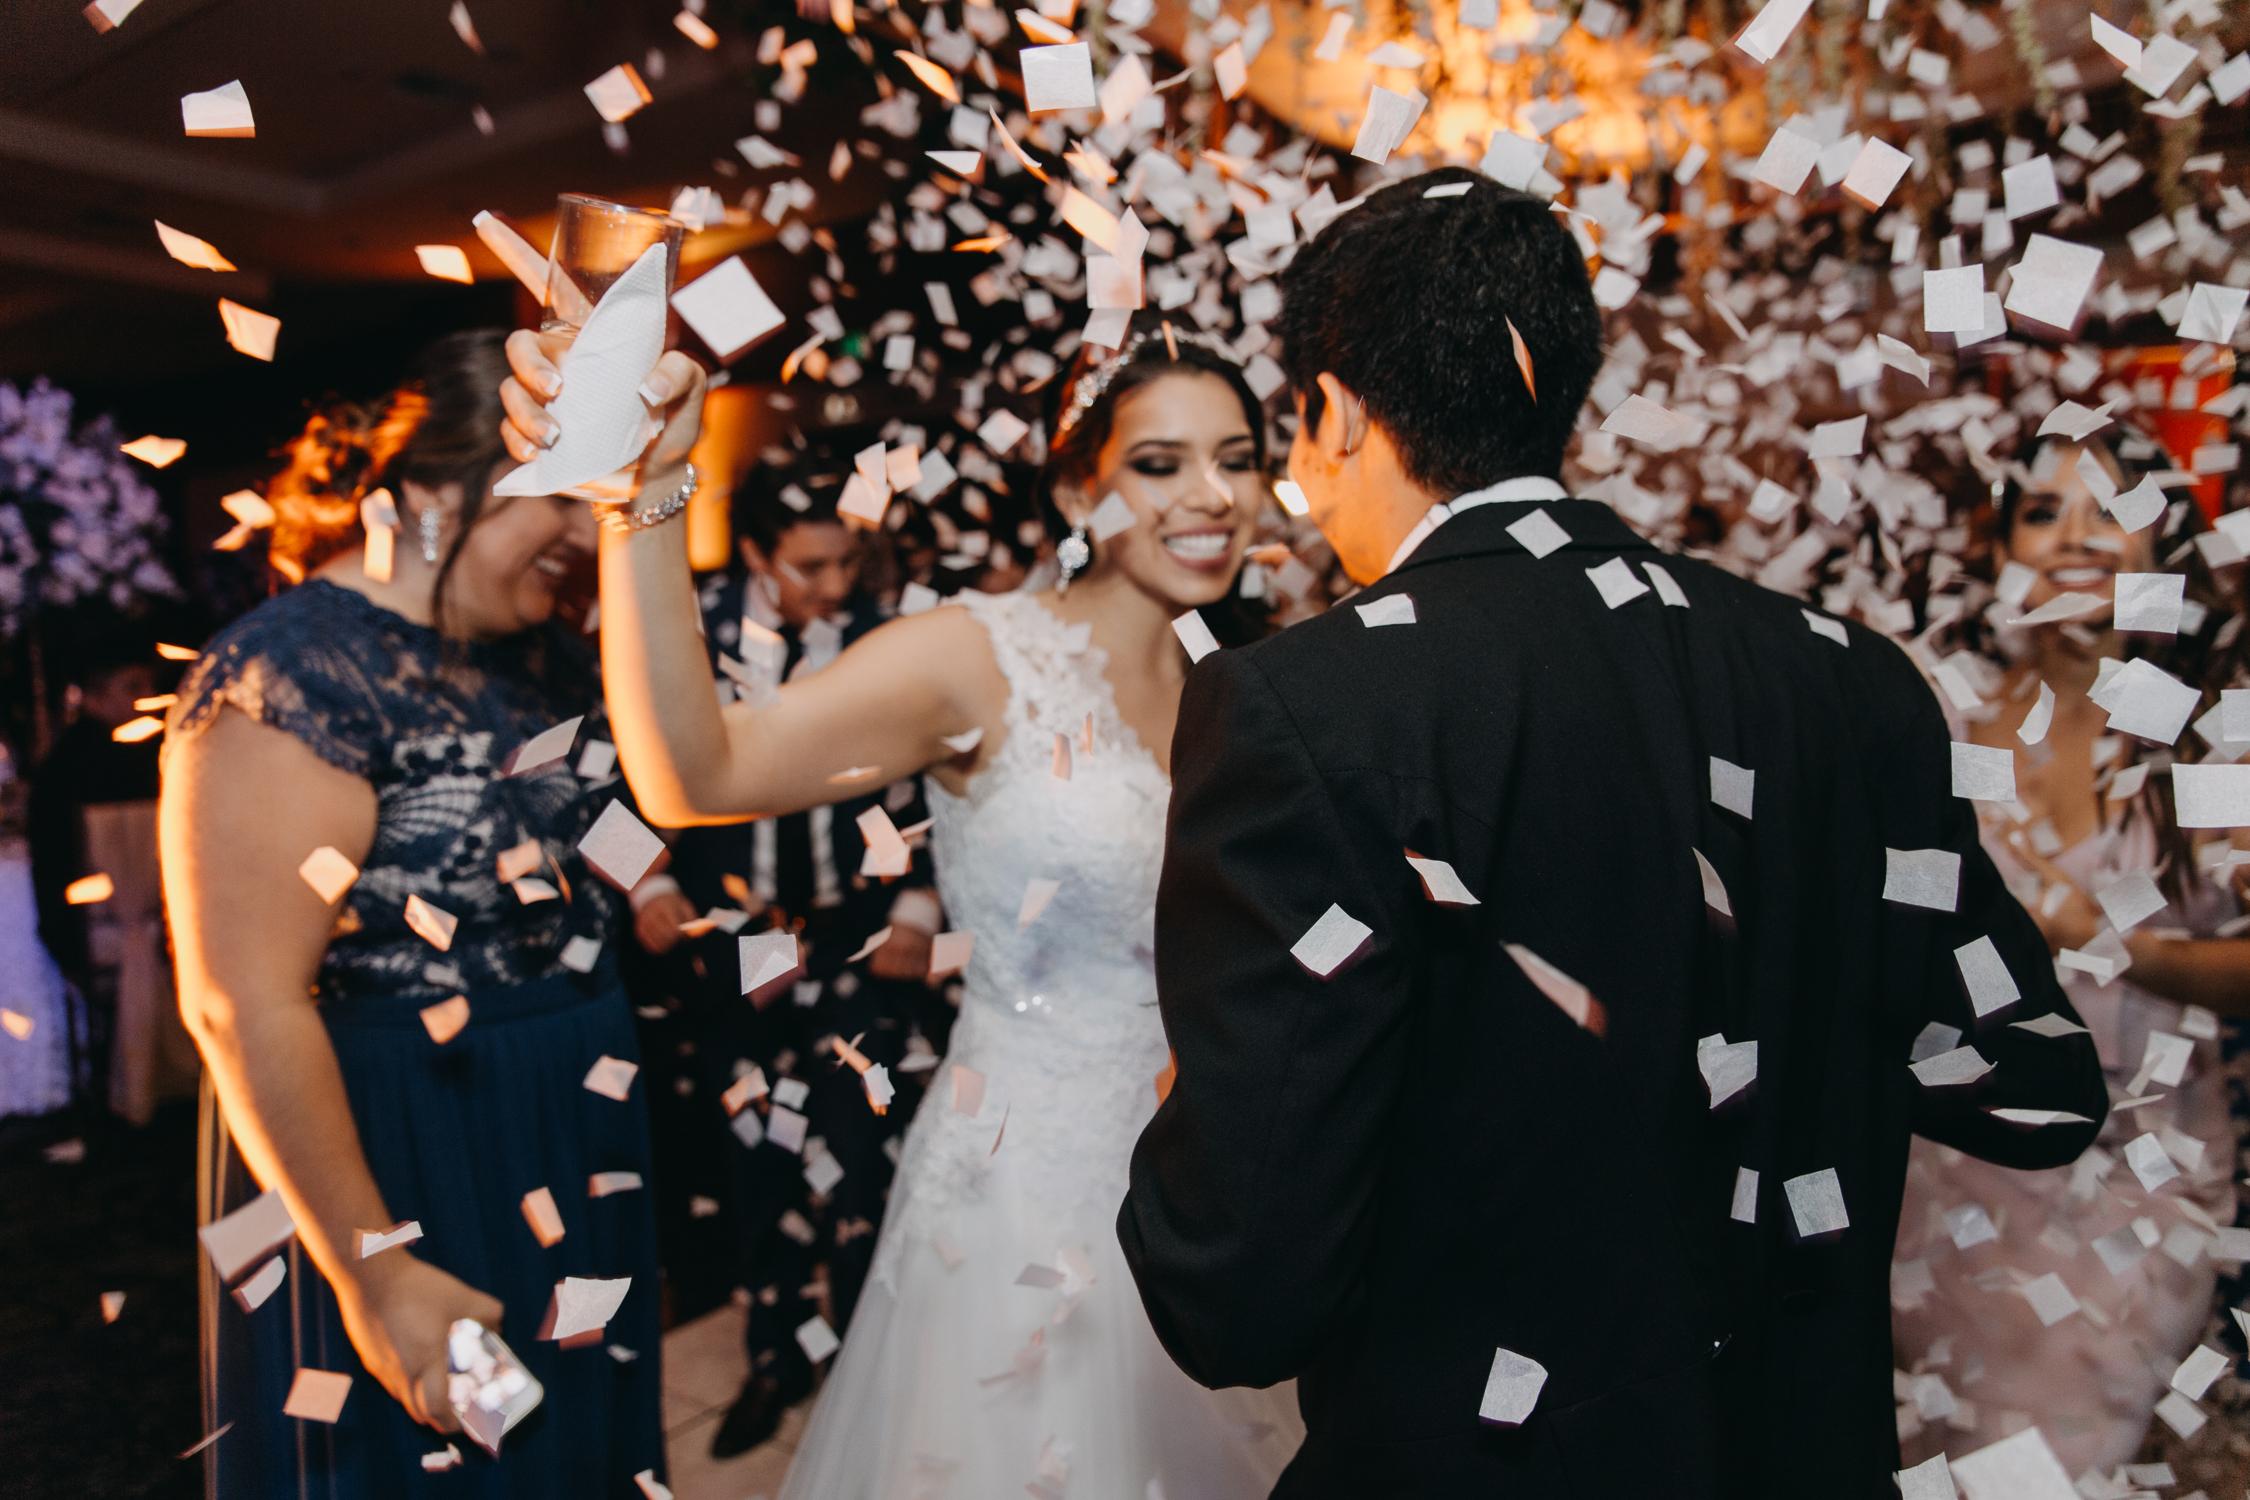 Michelle-Agurto-Fotografia-Bodas-Ecuador-Destination-Wedding-Photographer-Patricia-Guido-400.JPG